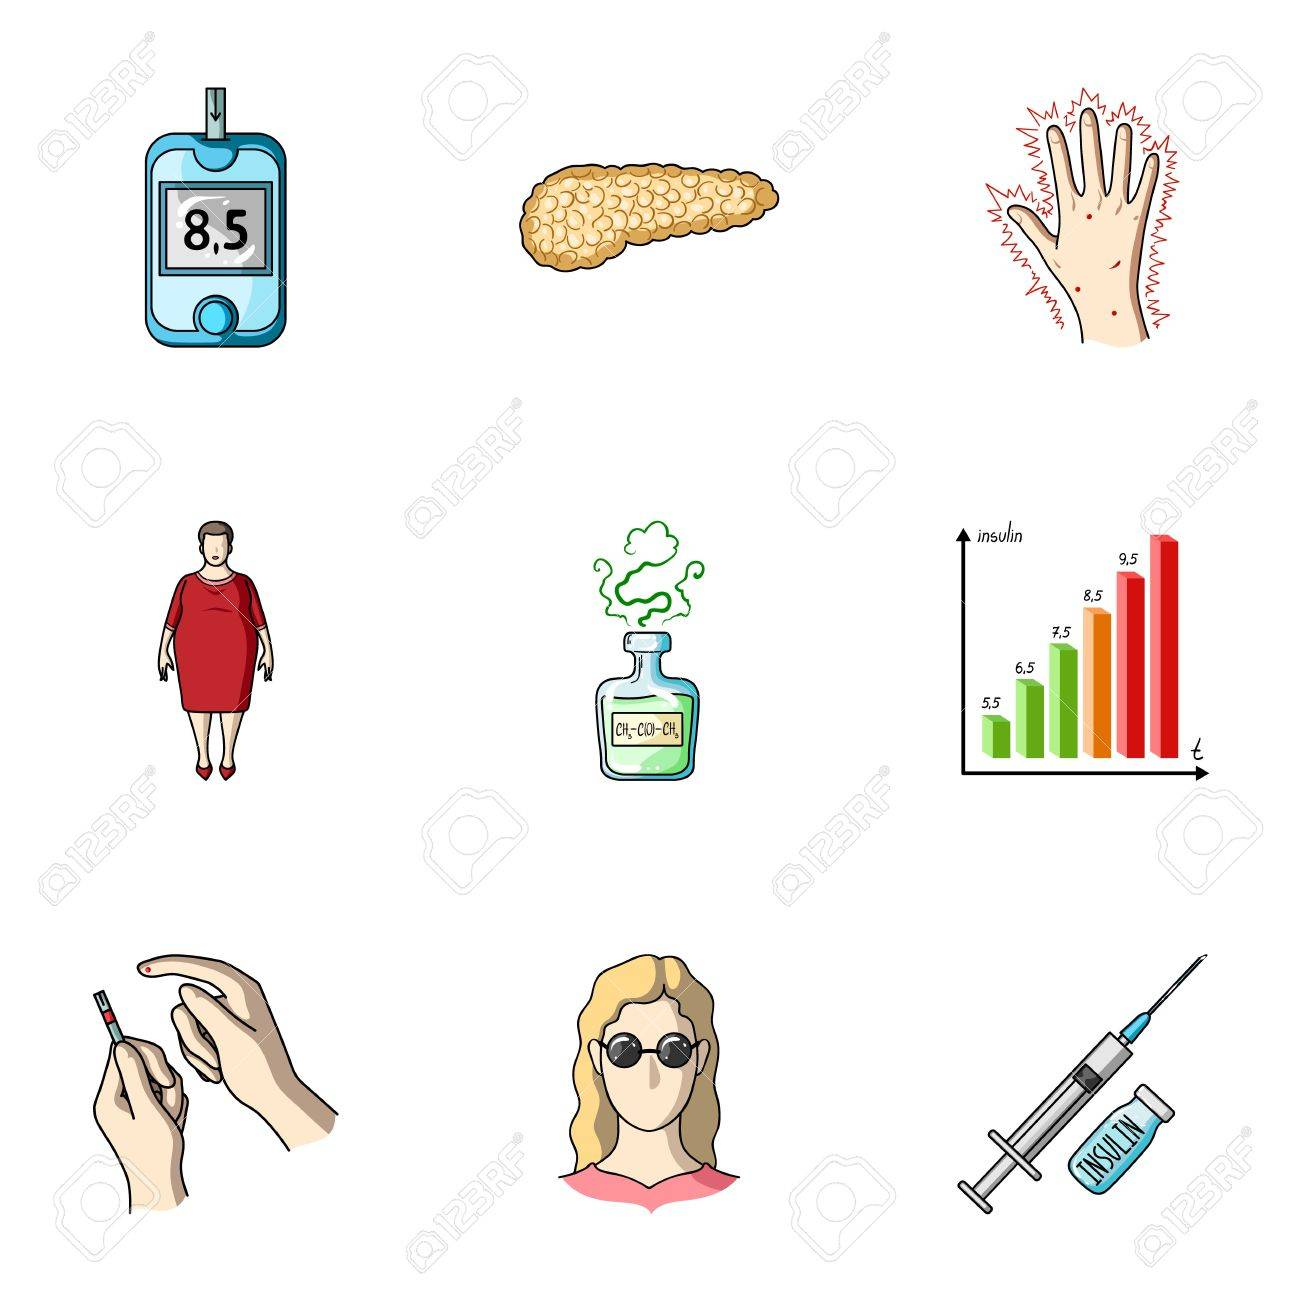 tratamiento de la diabetes krankheitszeichen